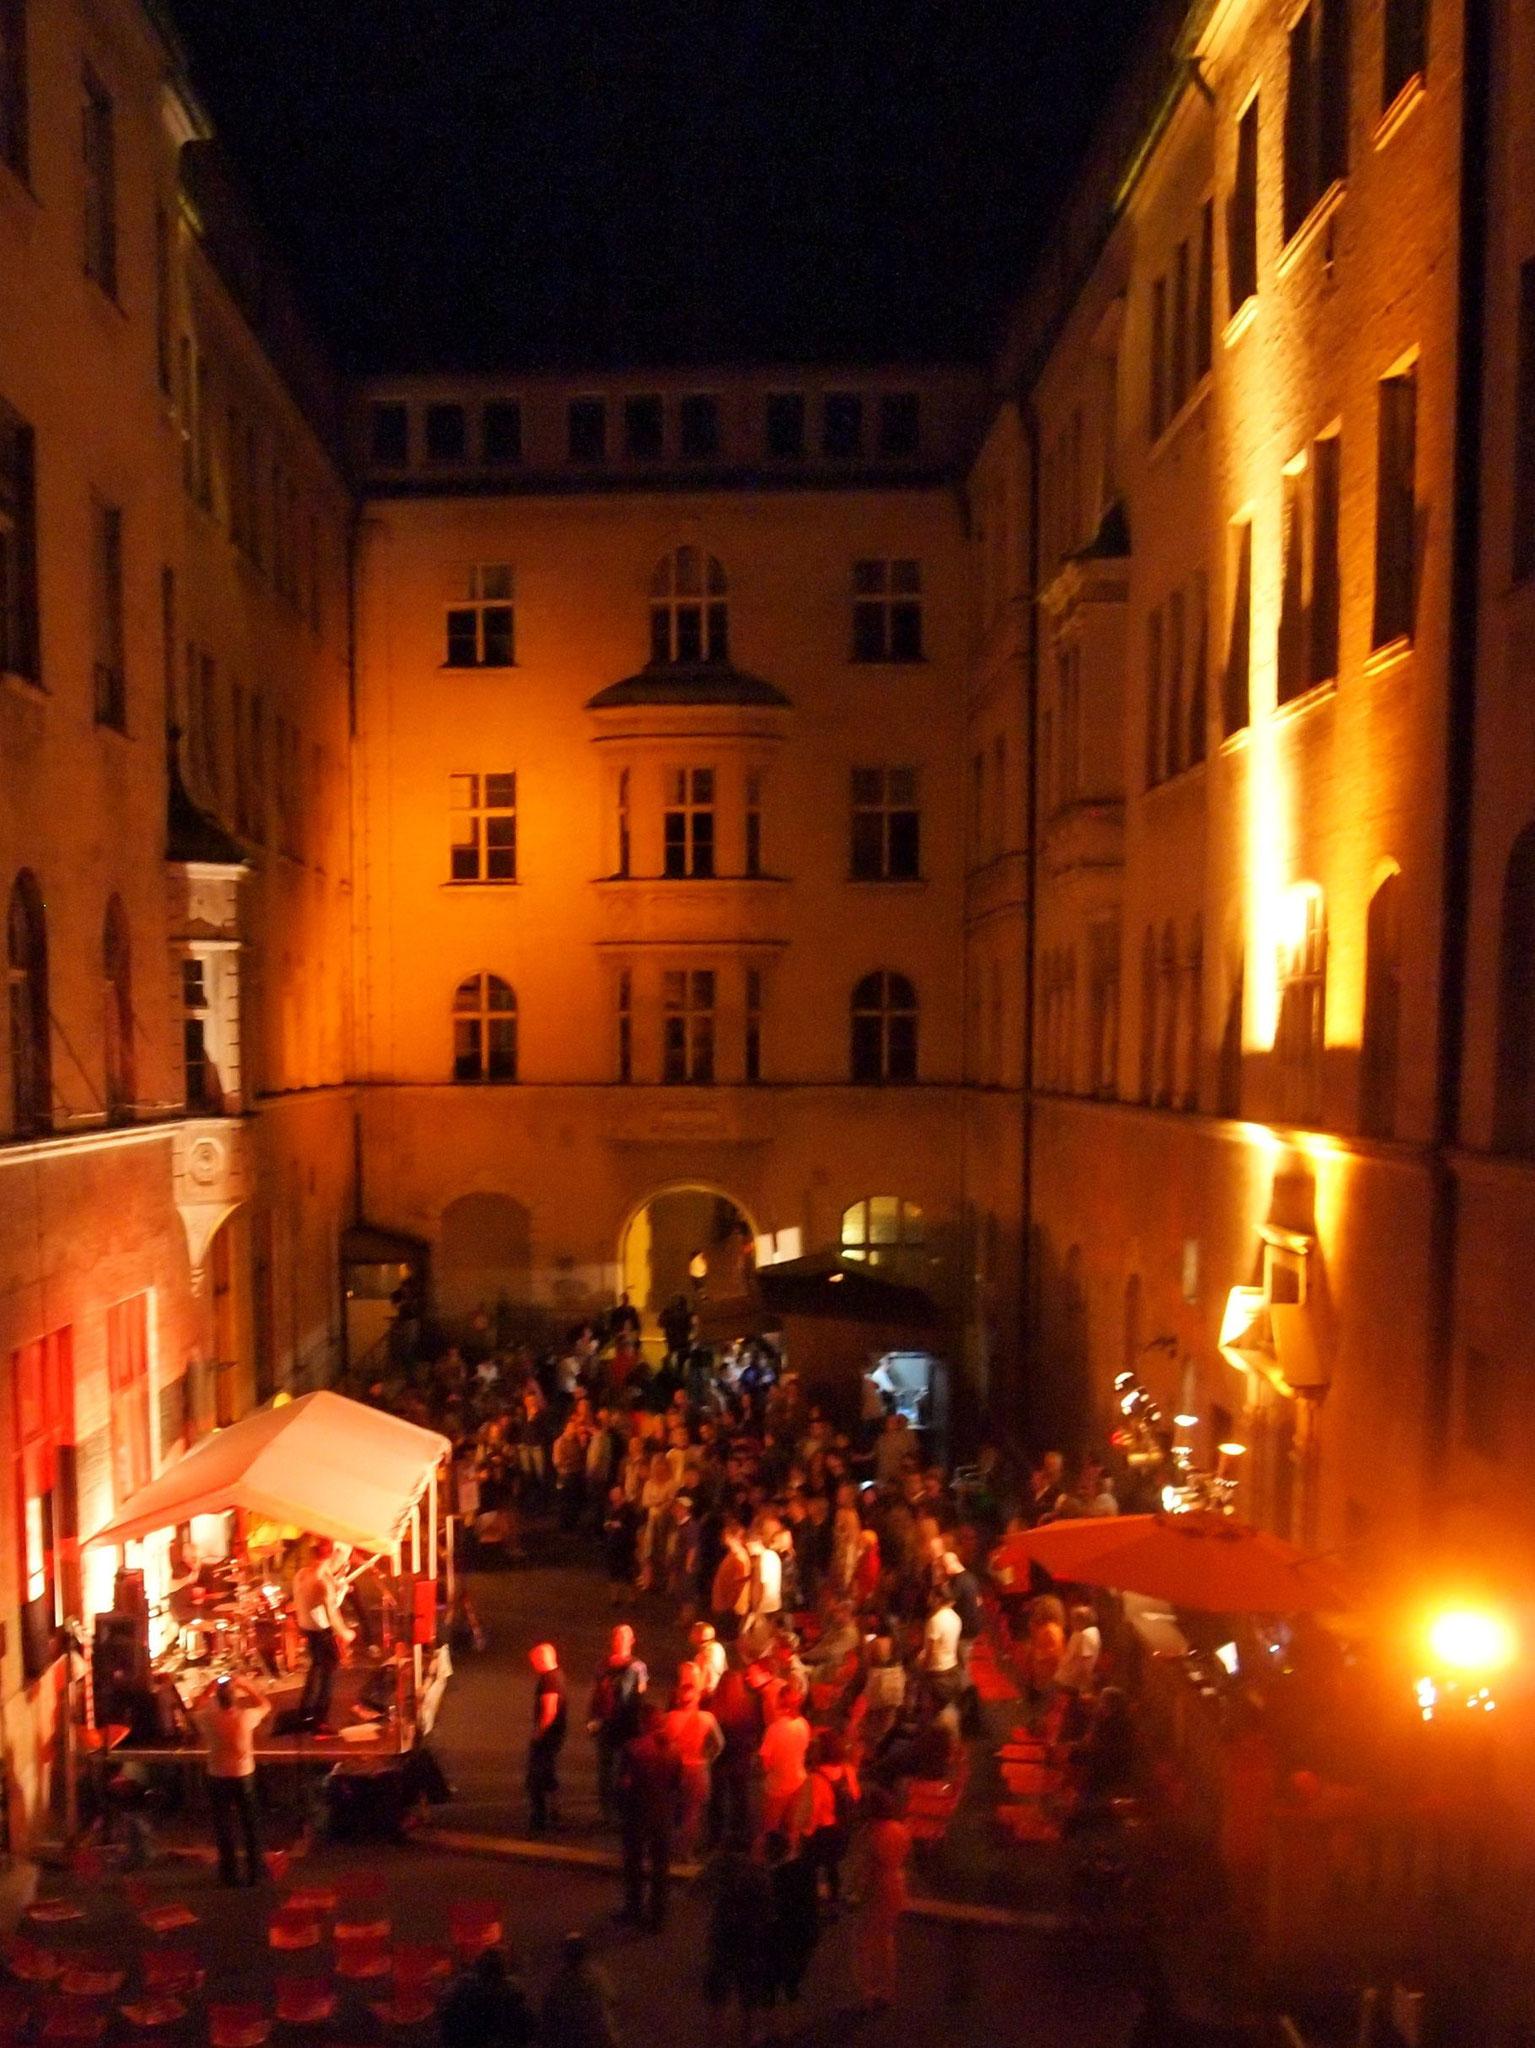 Konzerte im Bürgerhof 22.06.2012 - Freiwilligen-Zentrum Augsburg - Foto: Robert Hösle